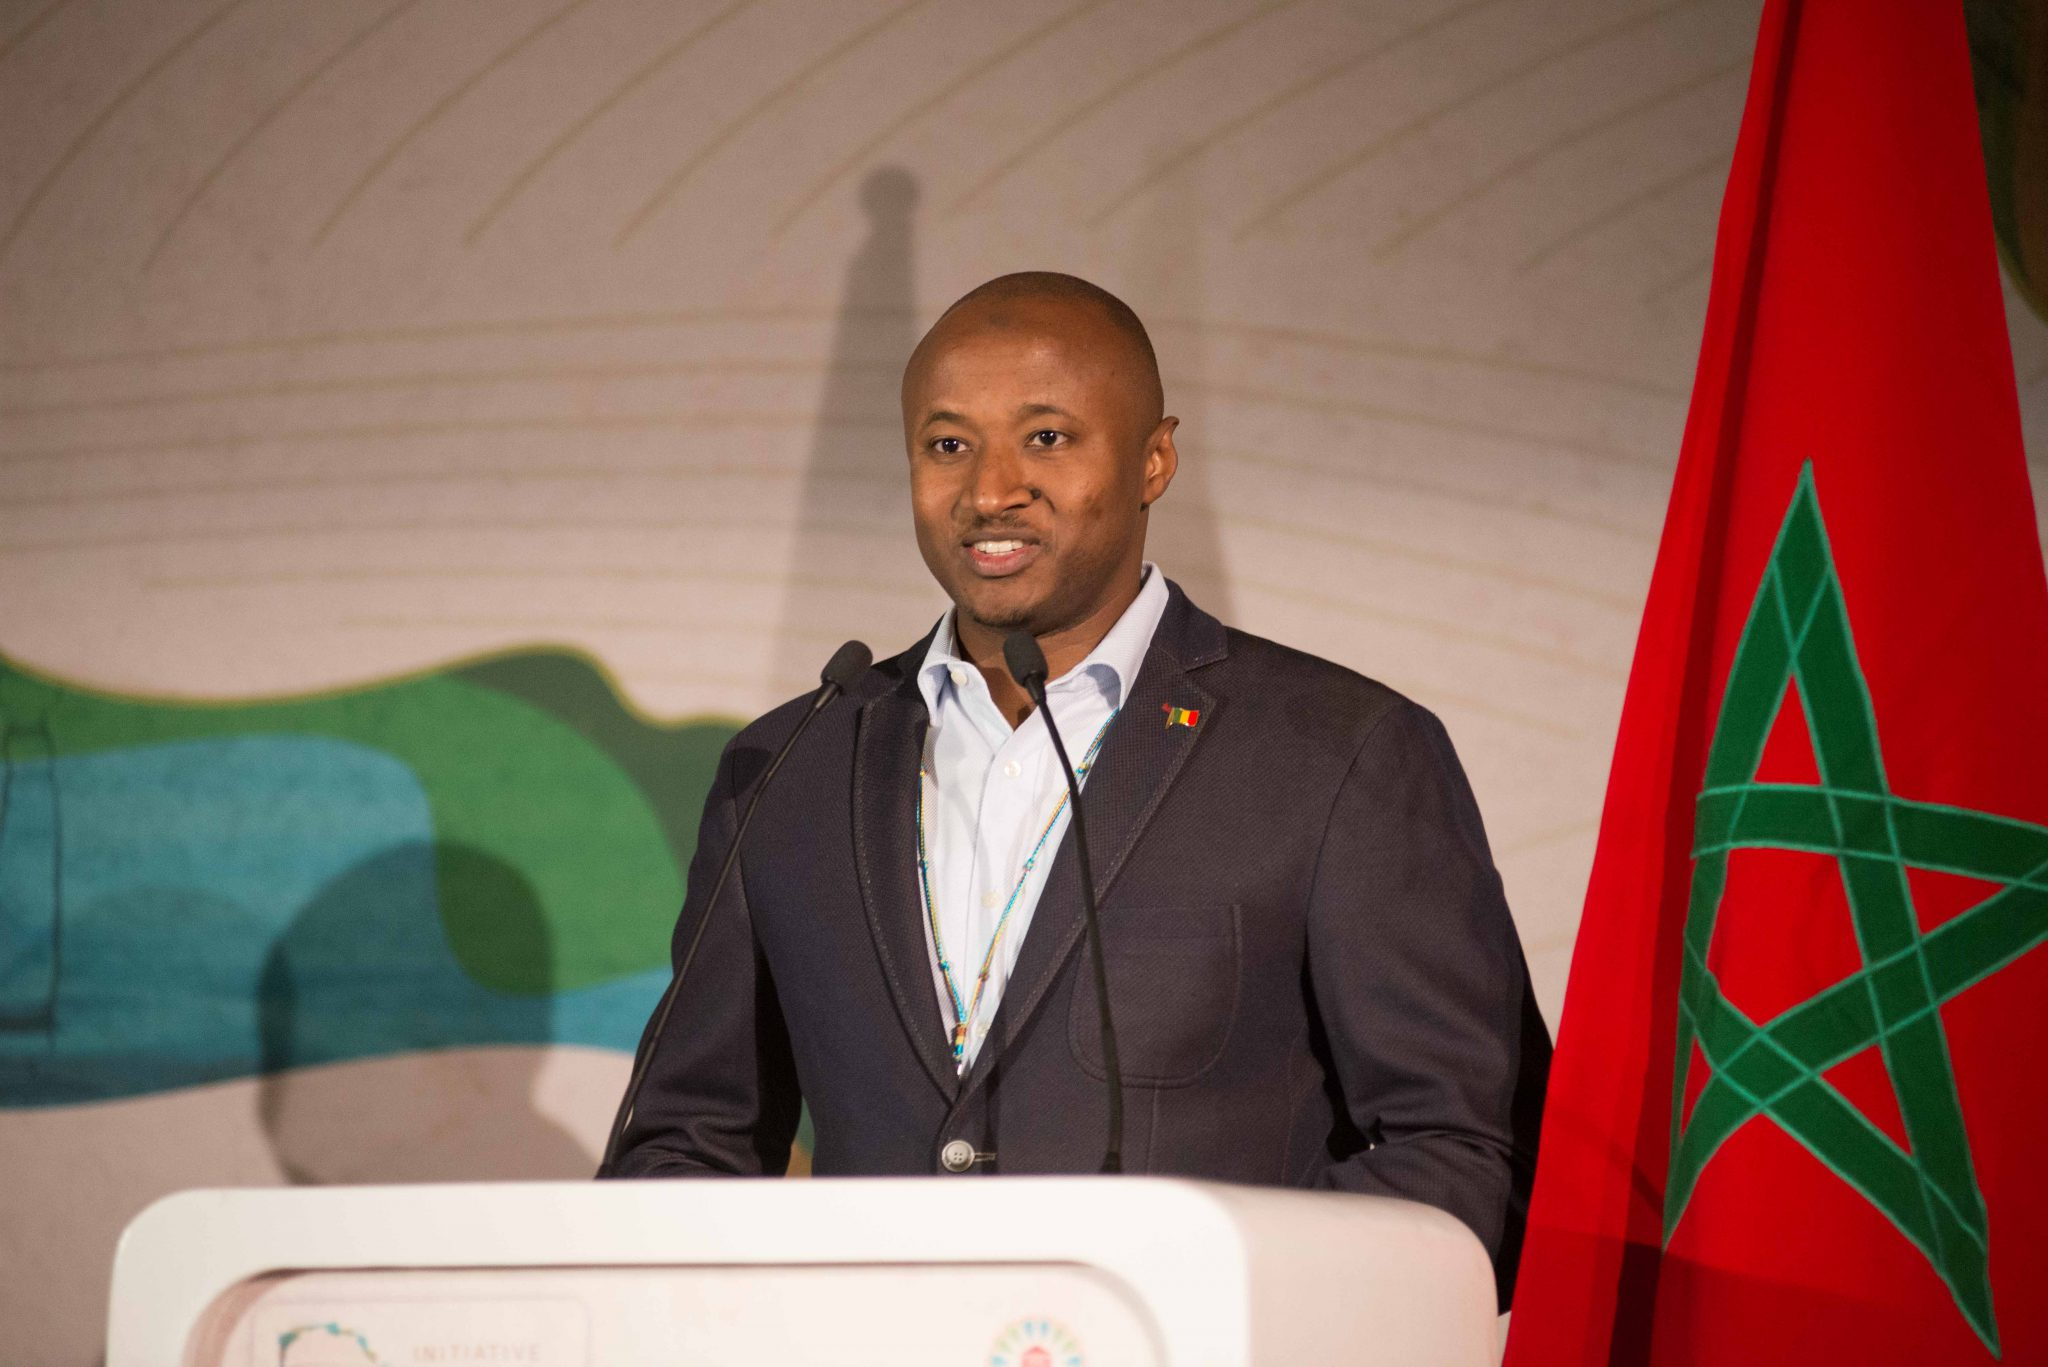 Seyni Nafo: Nouveau directeur de l'Initiative d'Accès à l'Energie en Afrique